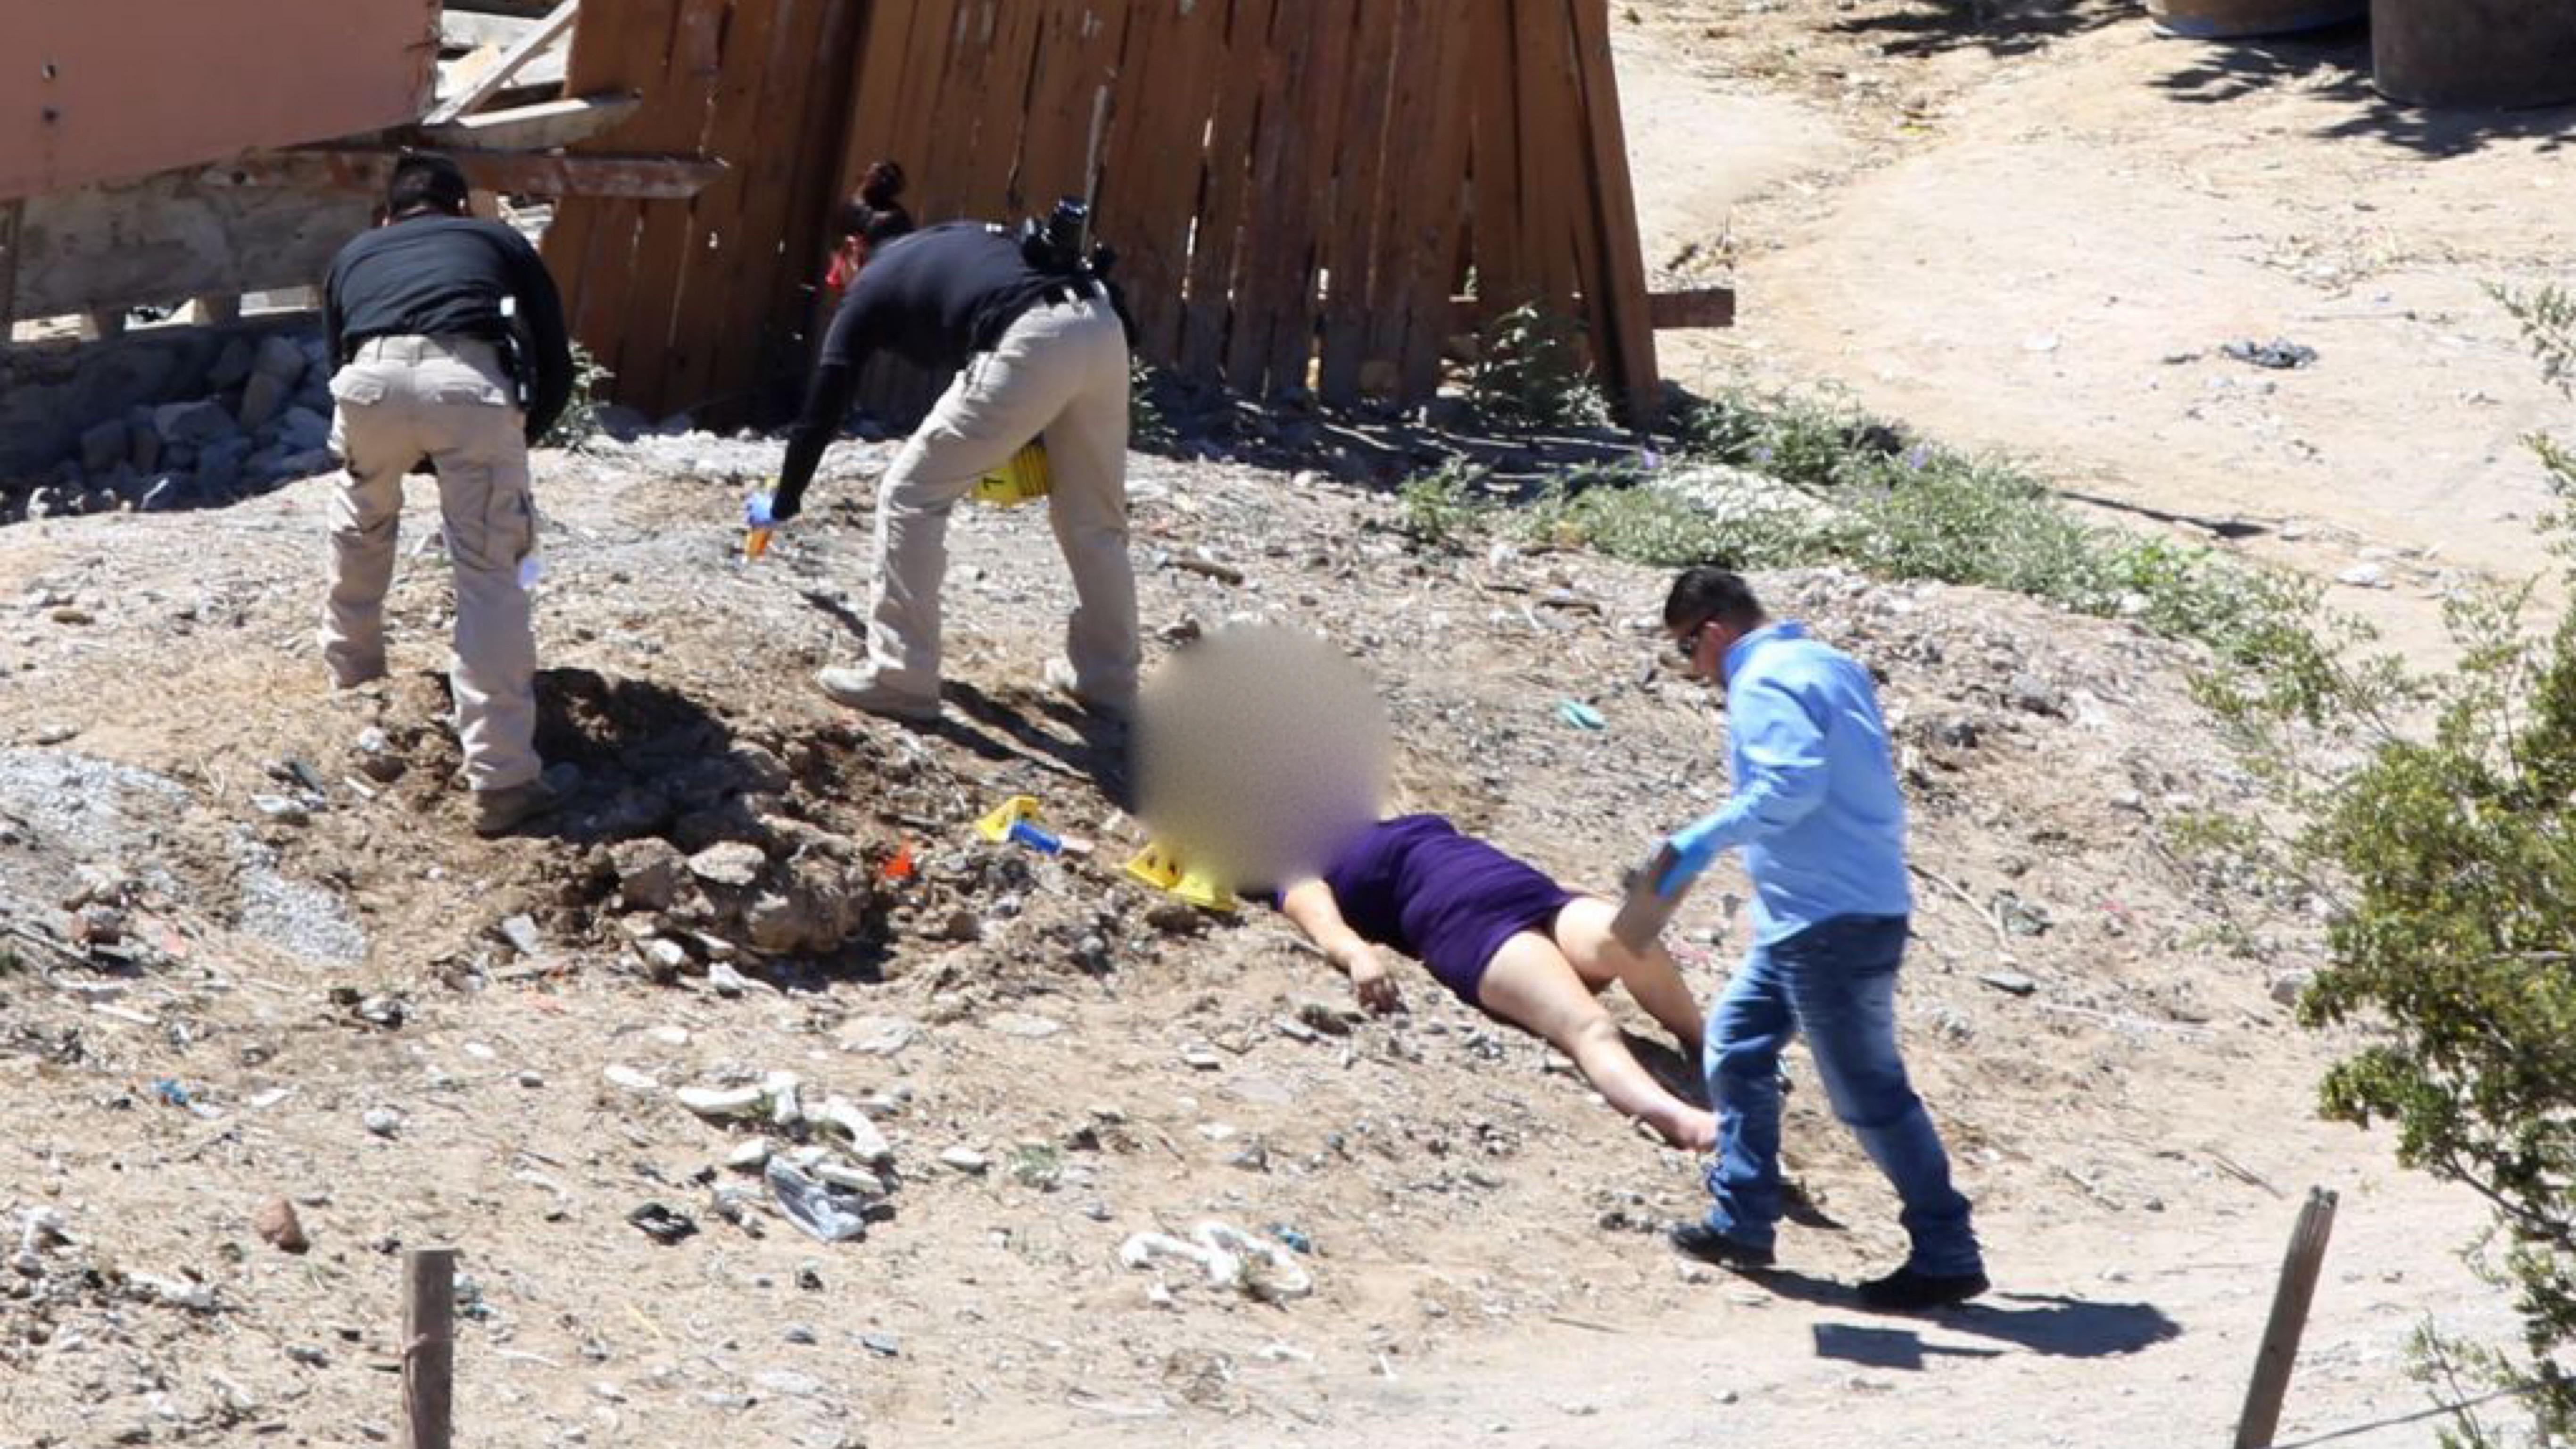 Mujer-ejecutada-en-terreno-de-Ciudad-Juarez.-Foto-Lucio-Soria